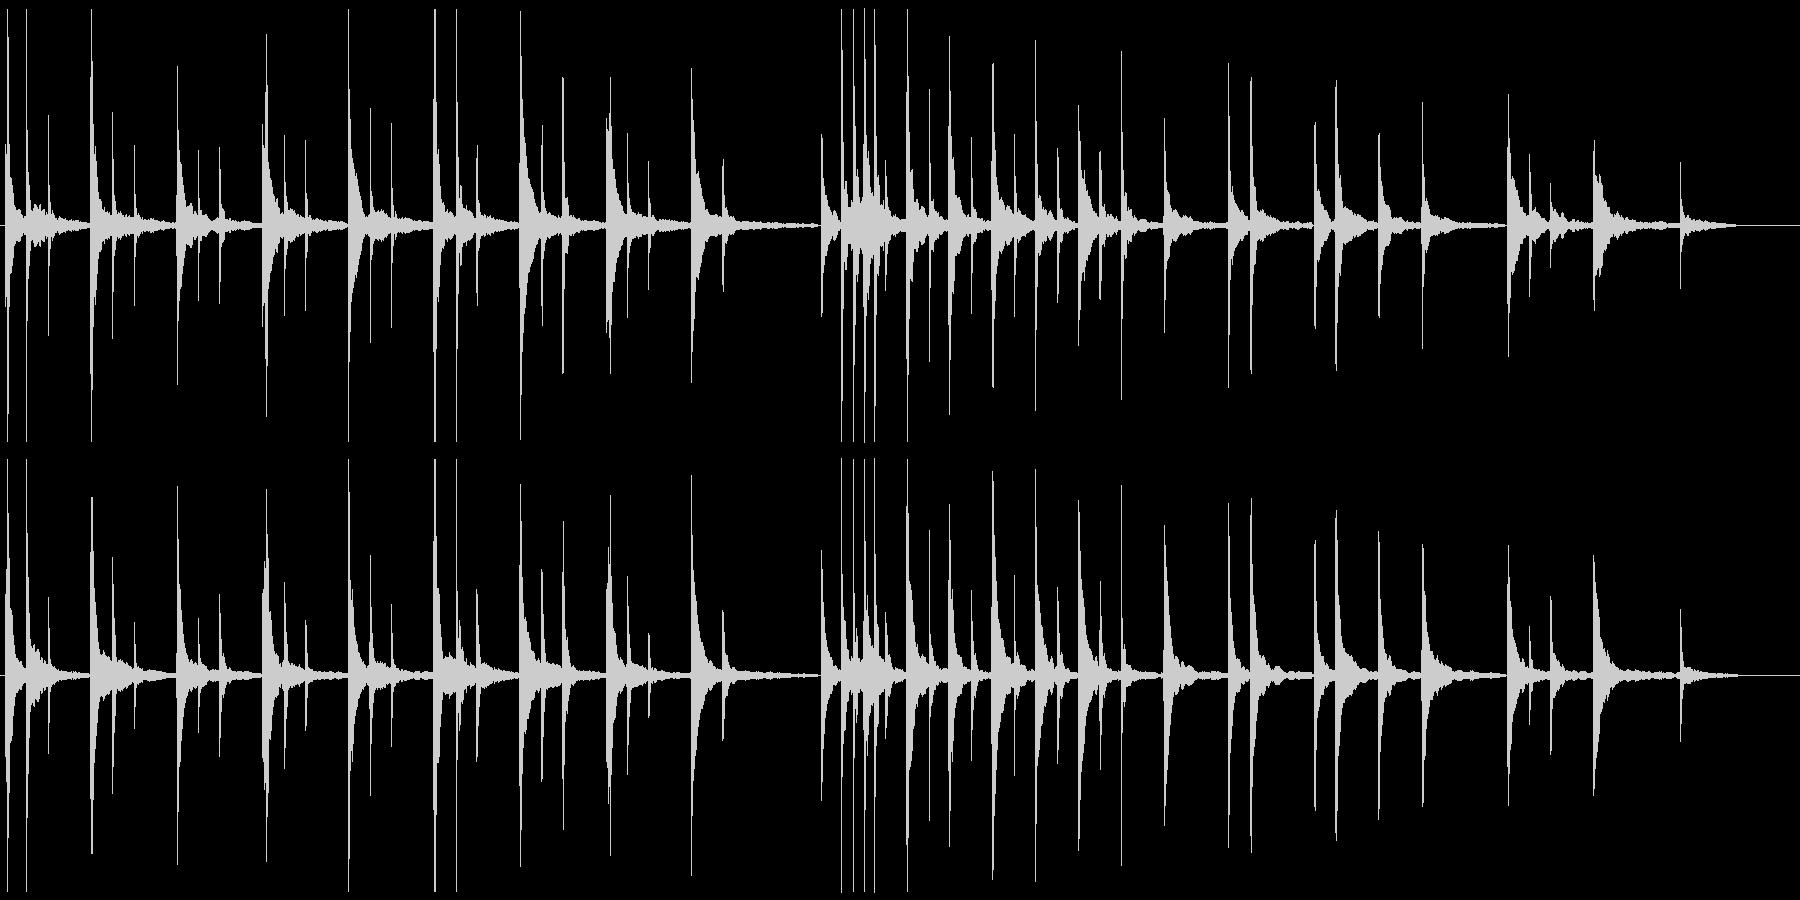 セリフを邪魔しない穏やかで静かなピアノ曲の未再生の波形